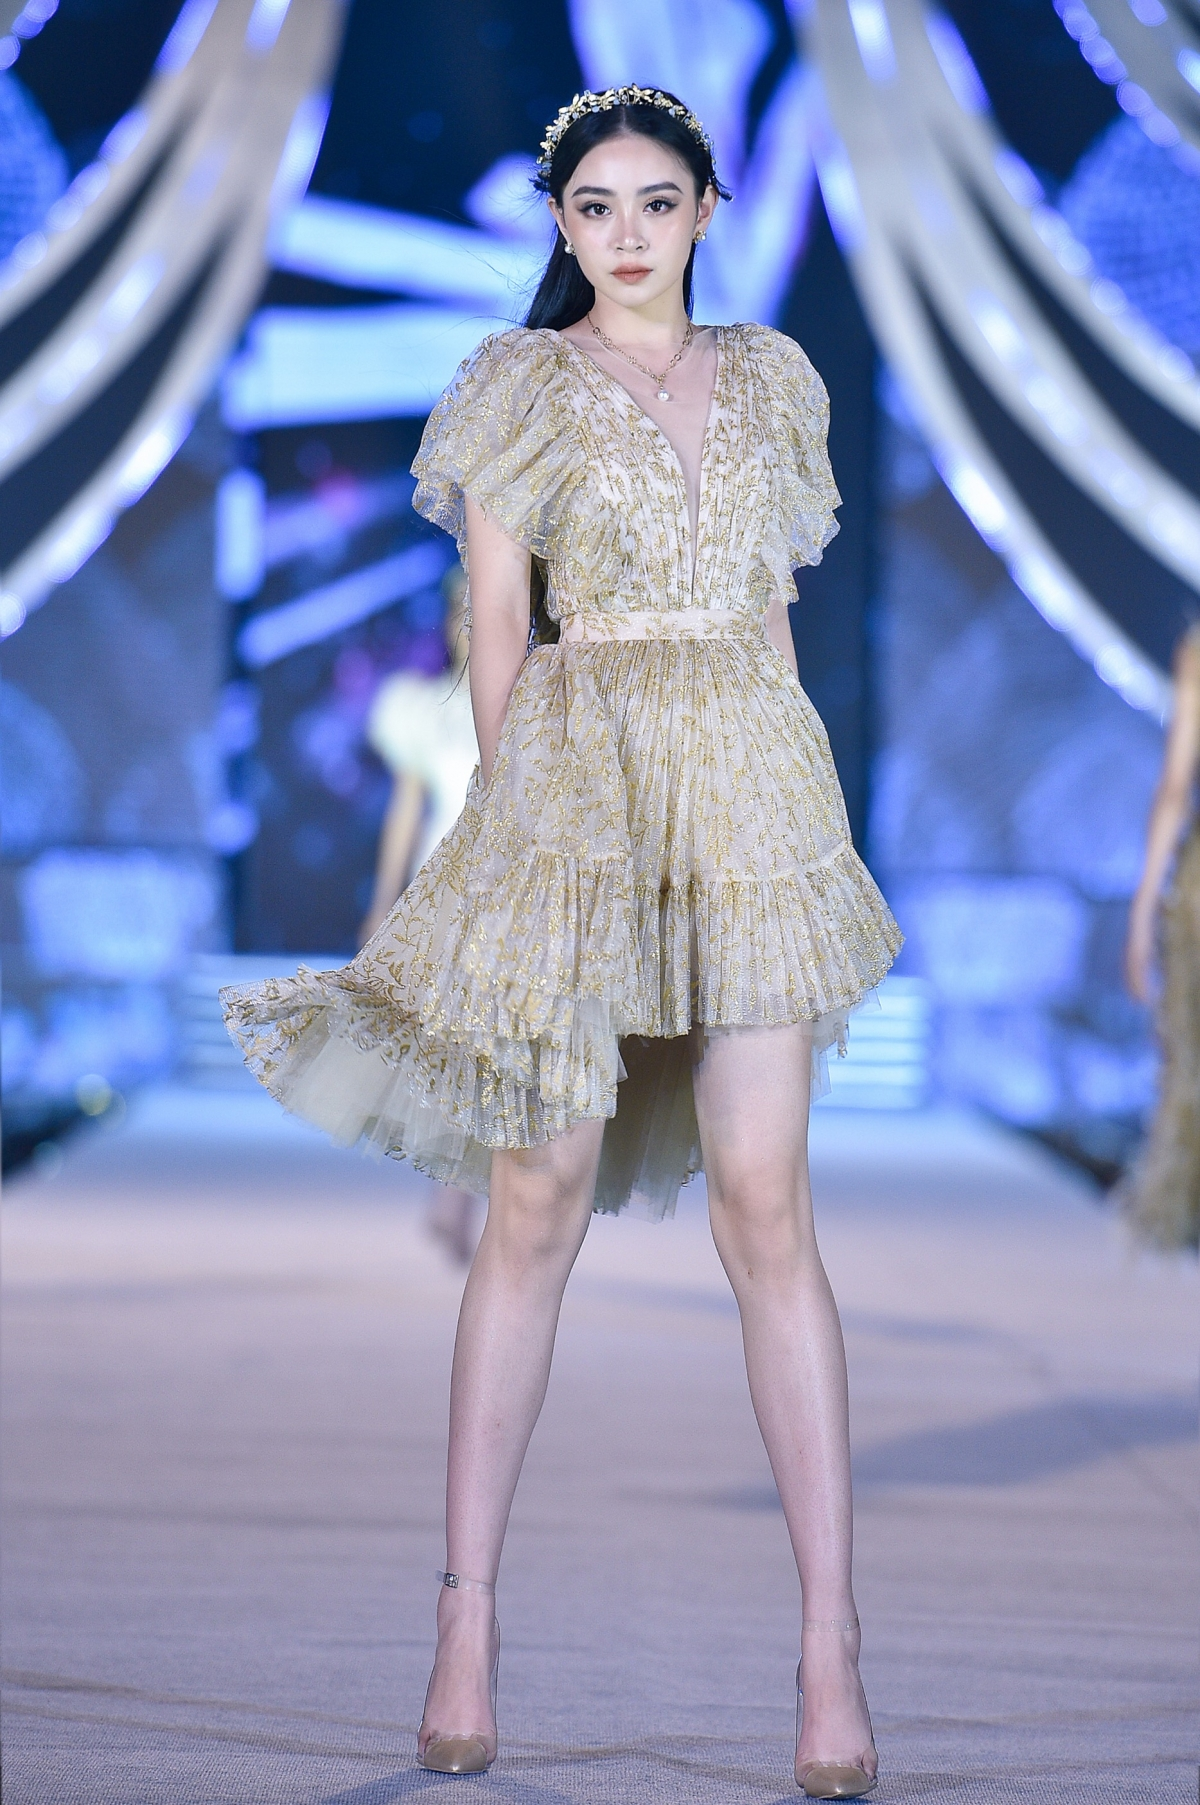 """Chính bởi sự tận tâm này, NTK Lê Thanh Hòa luôn được ưu ái biết đến với cái tên """"Nhà thiết kế cho Hoa hậu"""", những thiết kế mang tính ứng dụng cao của anh luôn được các Hoa hậu chọn lựa cho các sự kiện lớn nhỏ khác nhau."""